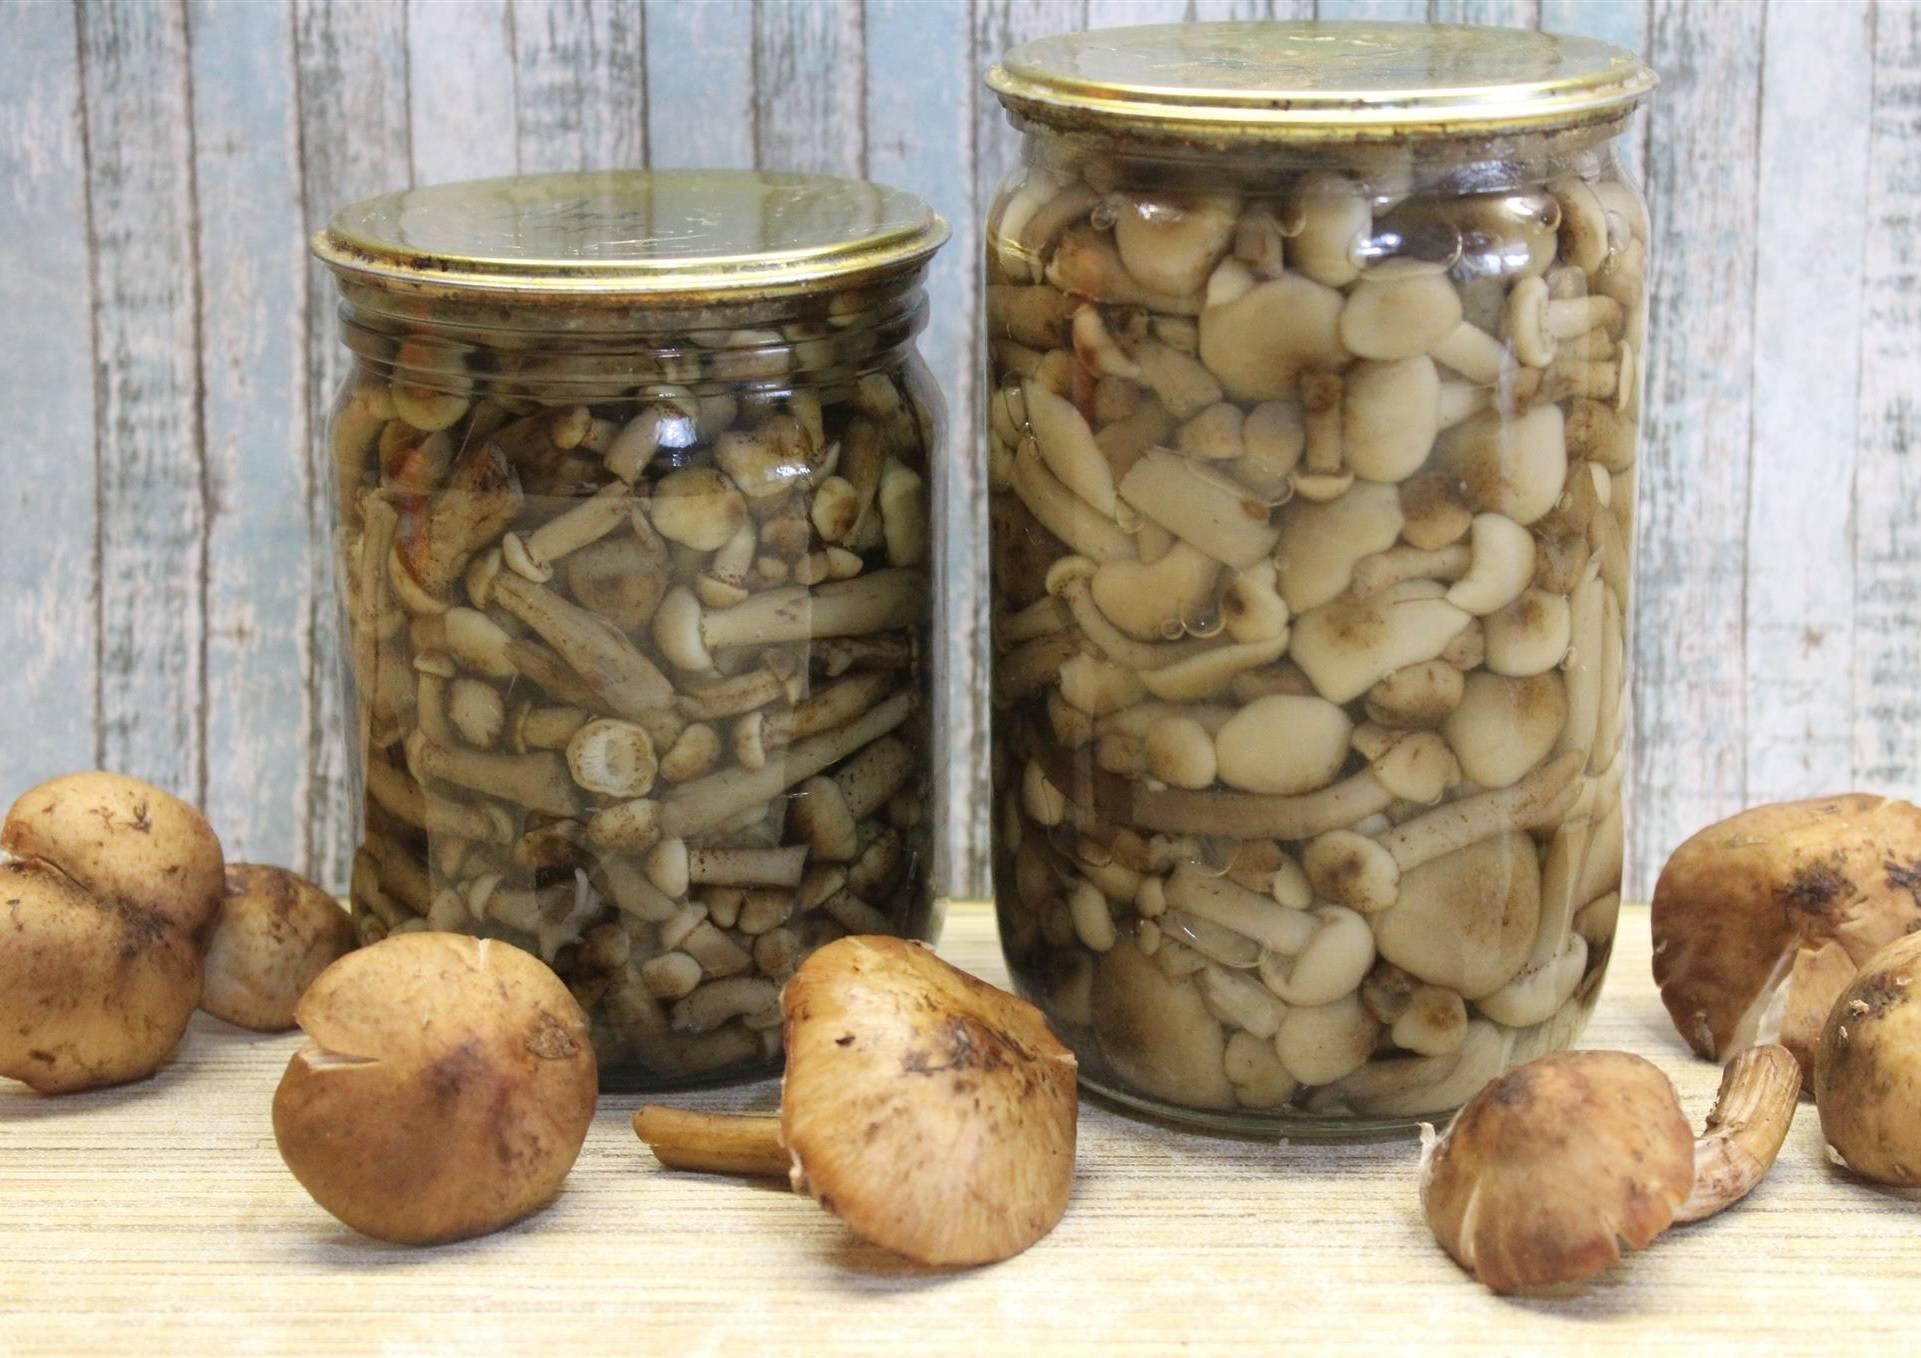 Срок хранения маринованных грибов дома – в холодильнике и без, в квартире и погребе